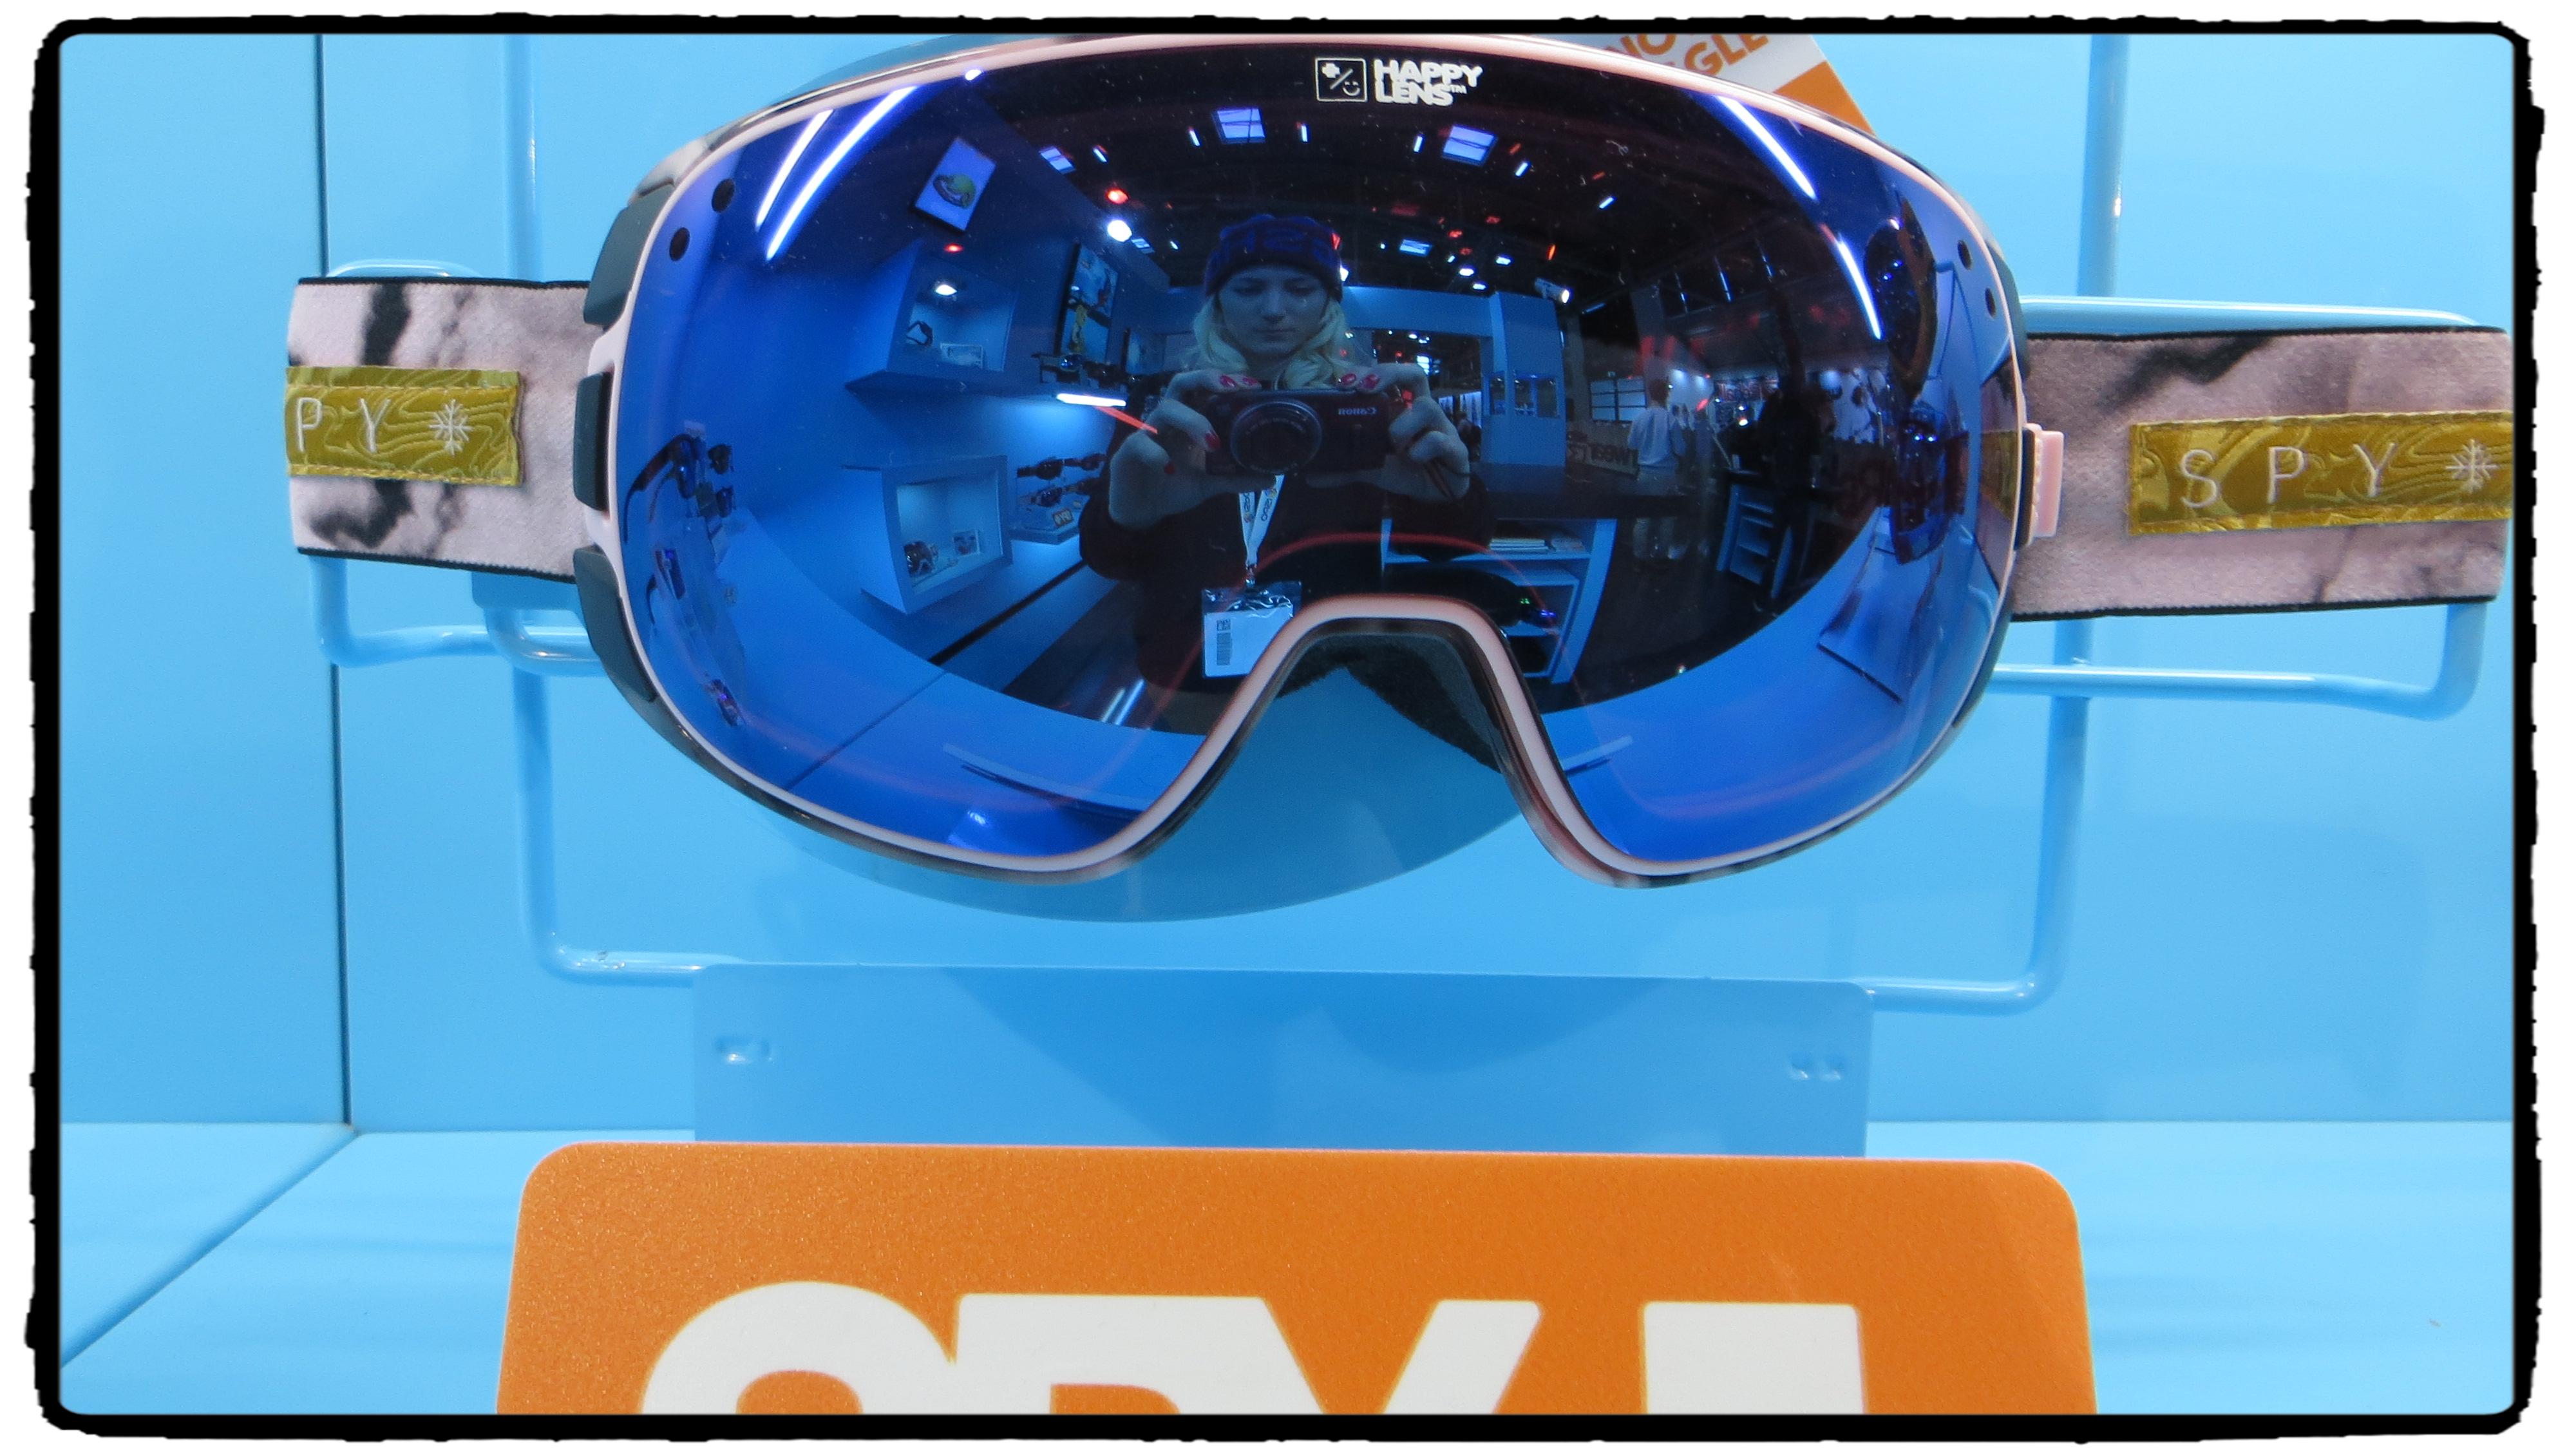 a0e876433c ISPO 2015 - Spy Bravo Goggles